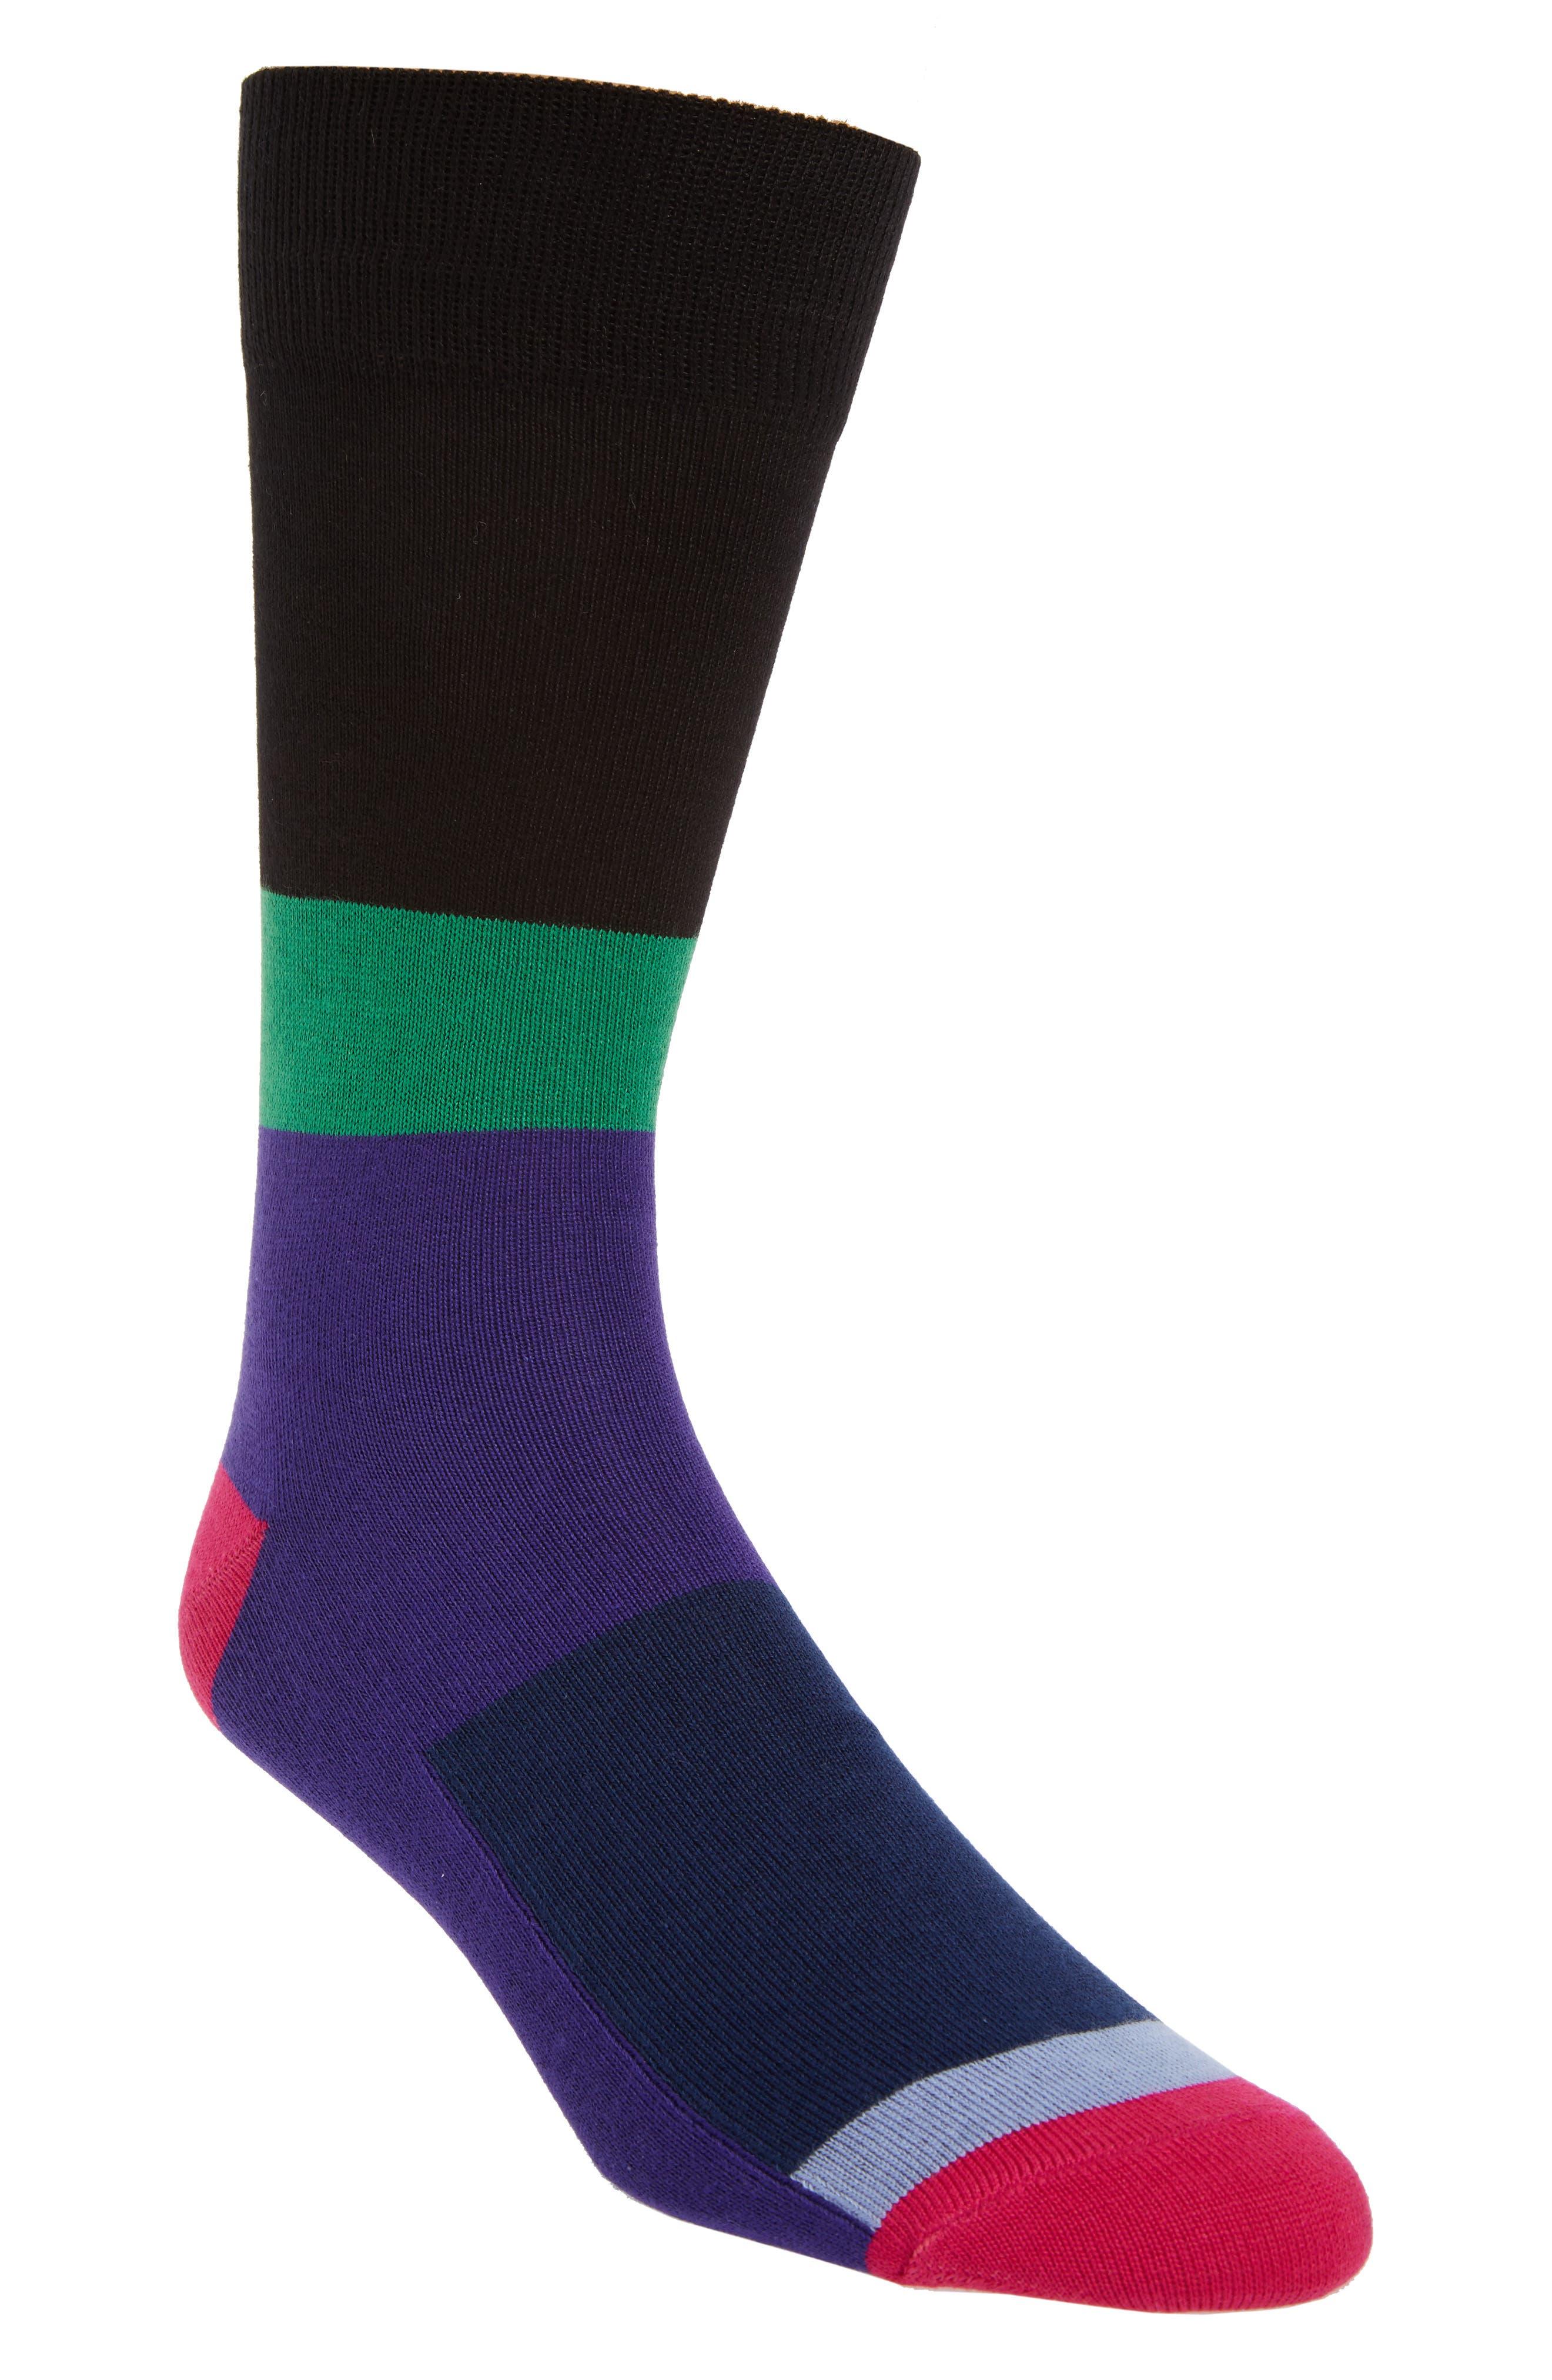 Go-Go Socks,                         Main,                         color,